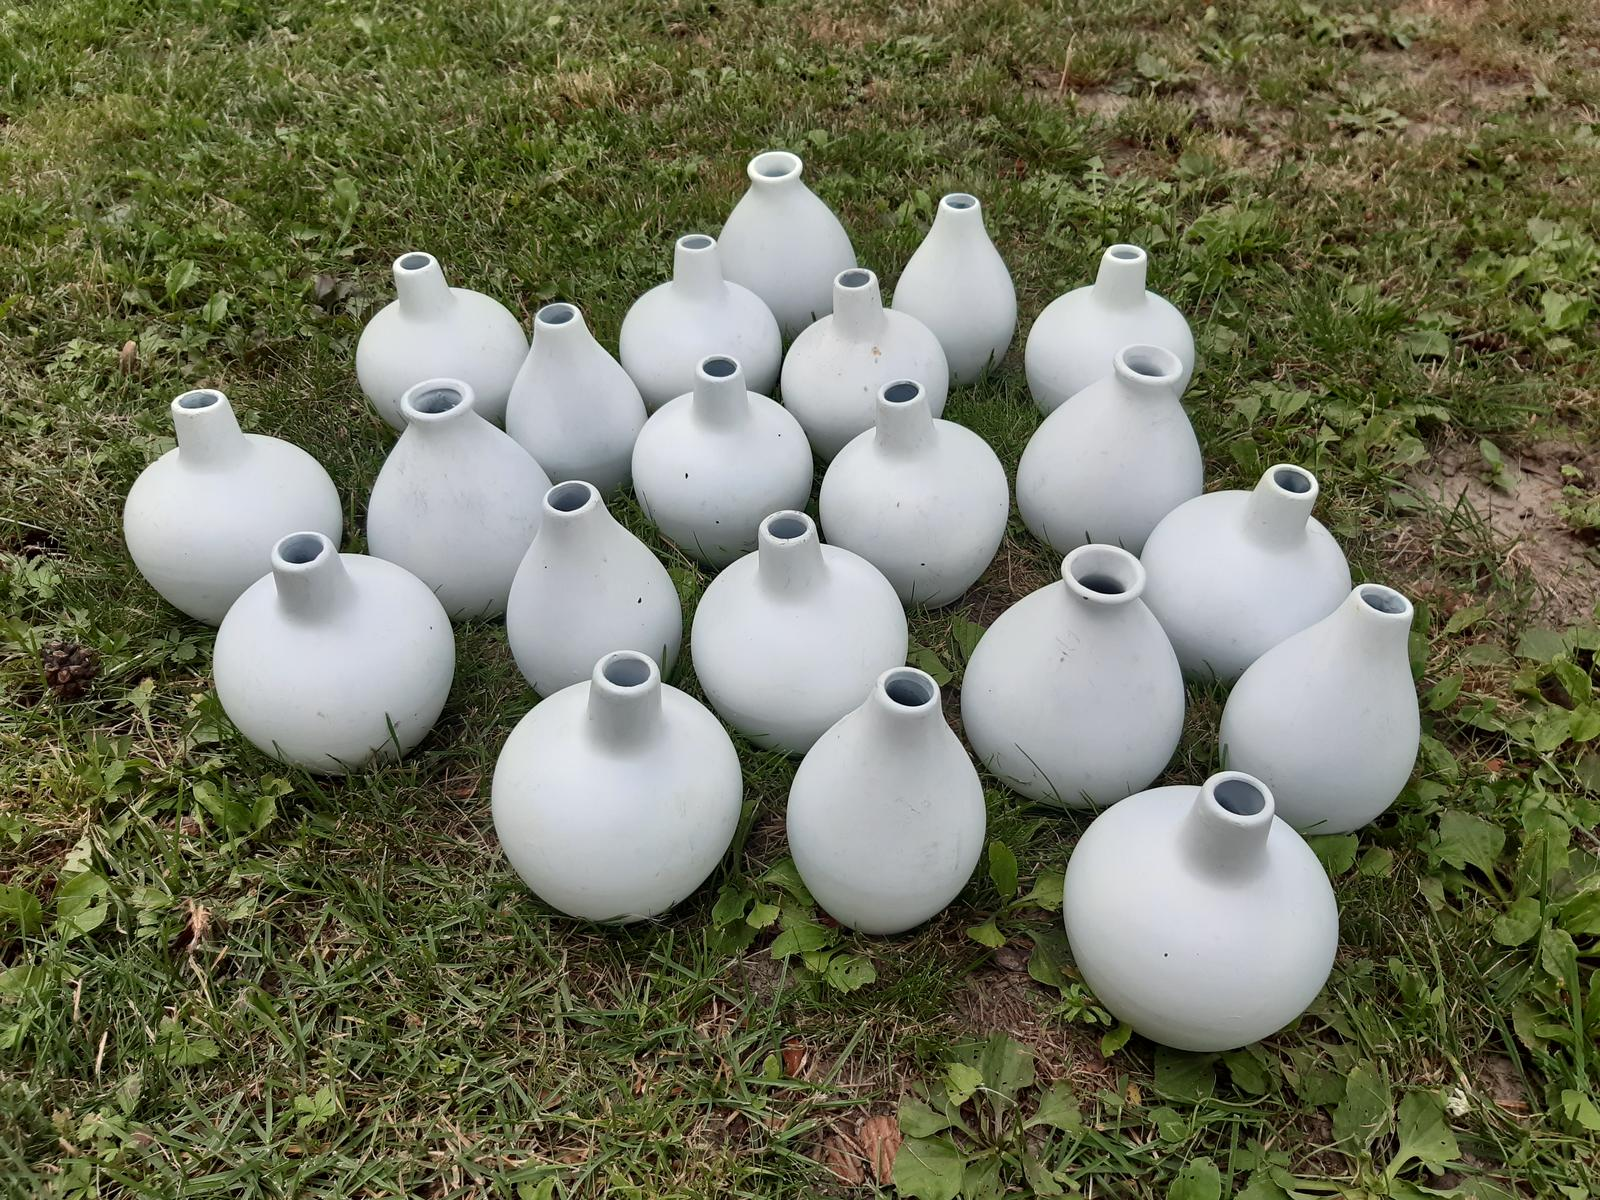 Biele keramické vázičky 20 ks - Obrázok č. 4